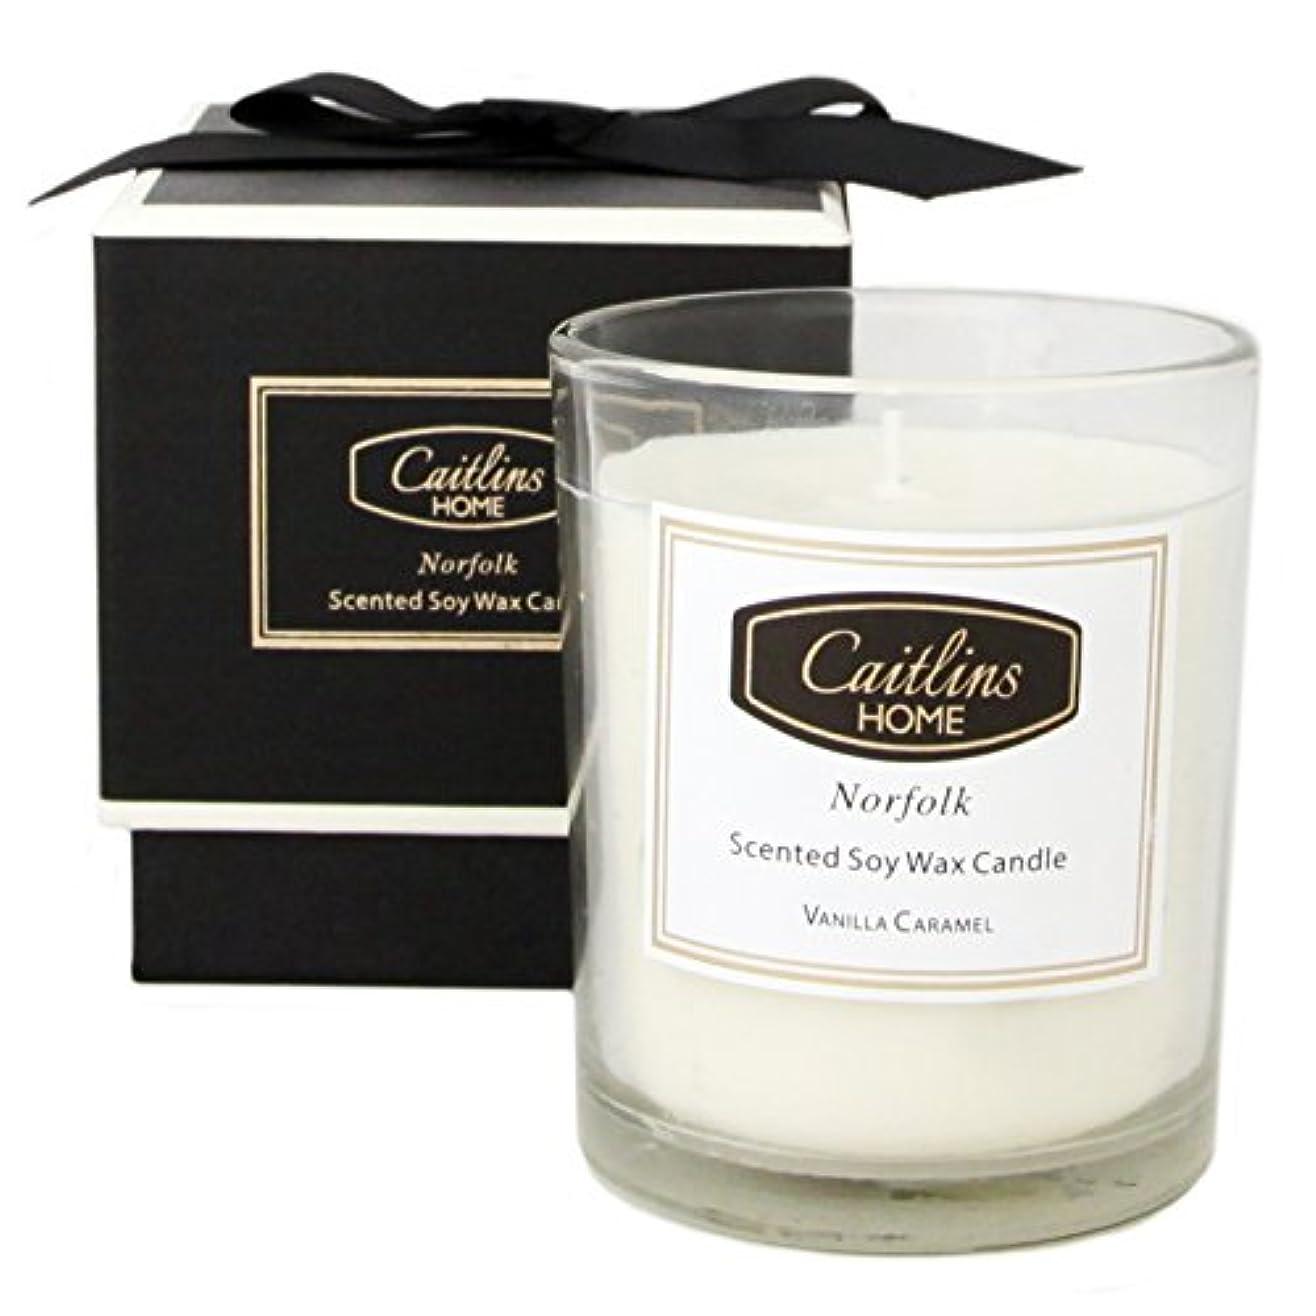 必要としているランドリー住居(Small, Vanilla Caramel) - Vanilla Caramel Candle Soy Wax Aromatherapy Candle Home Fragrance Gift Caitlins Home